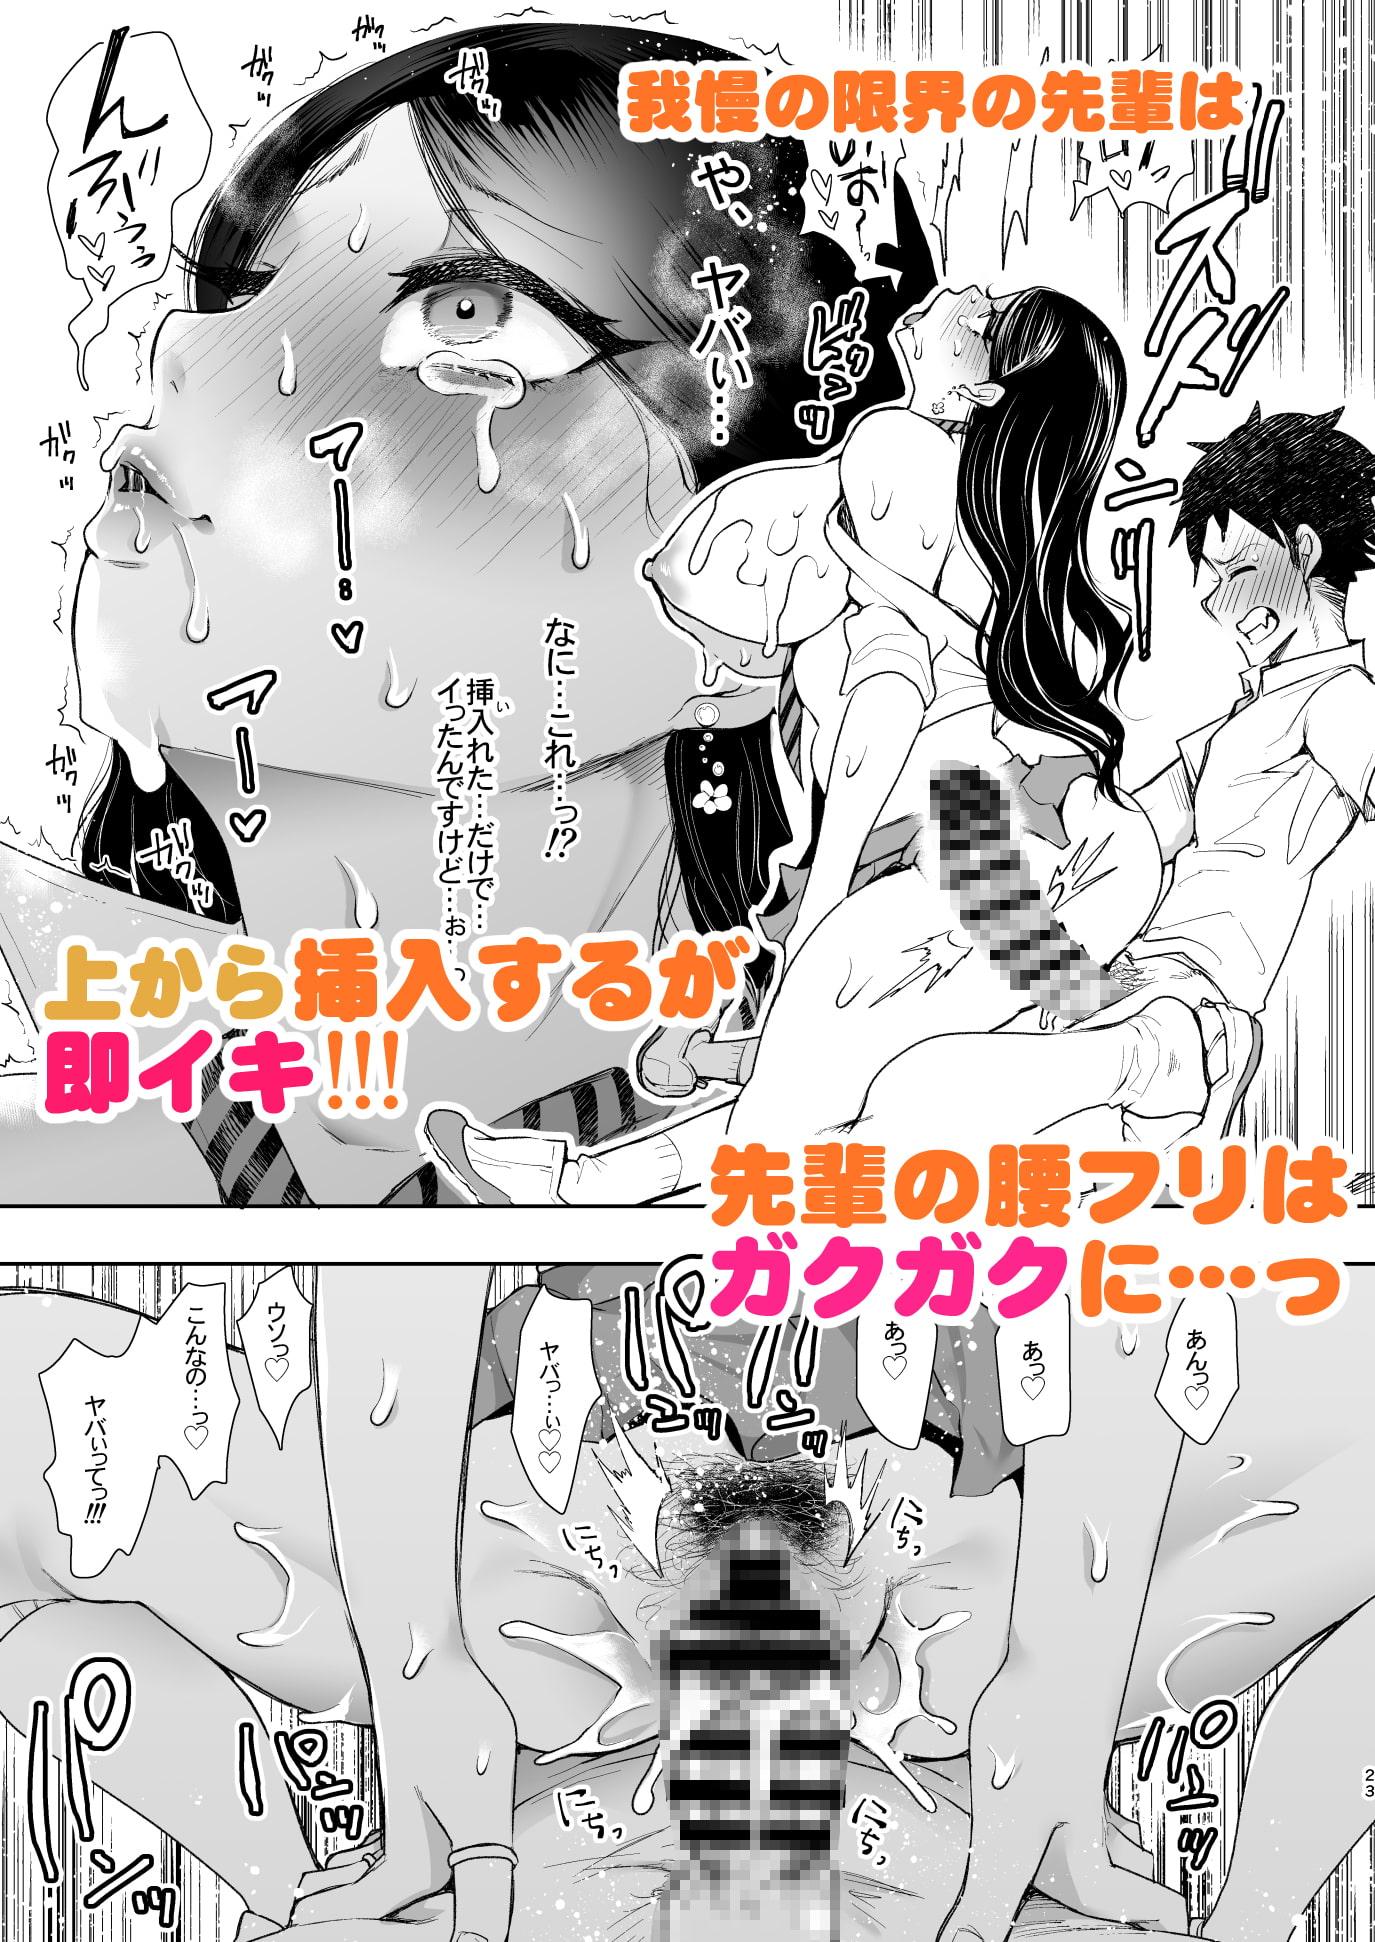 白黒ギャル先輩'sがエッチを懇願してきた!!!のサンプル5